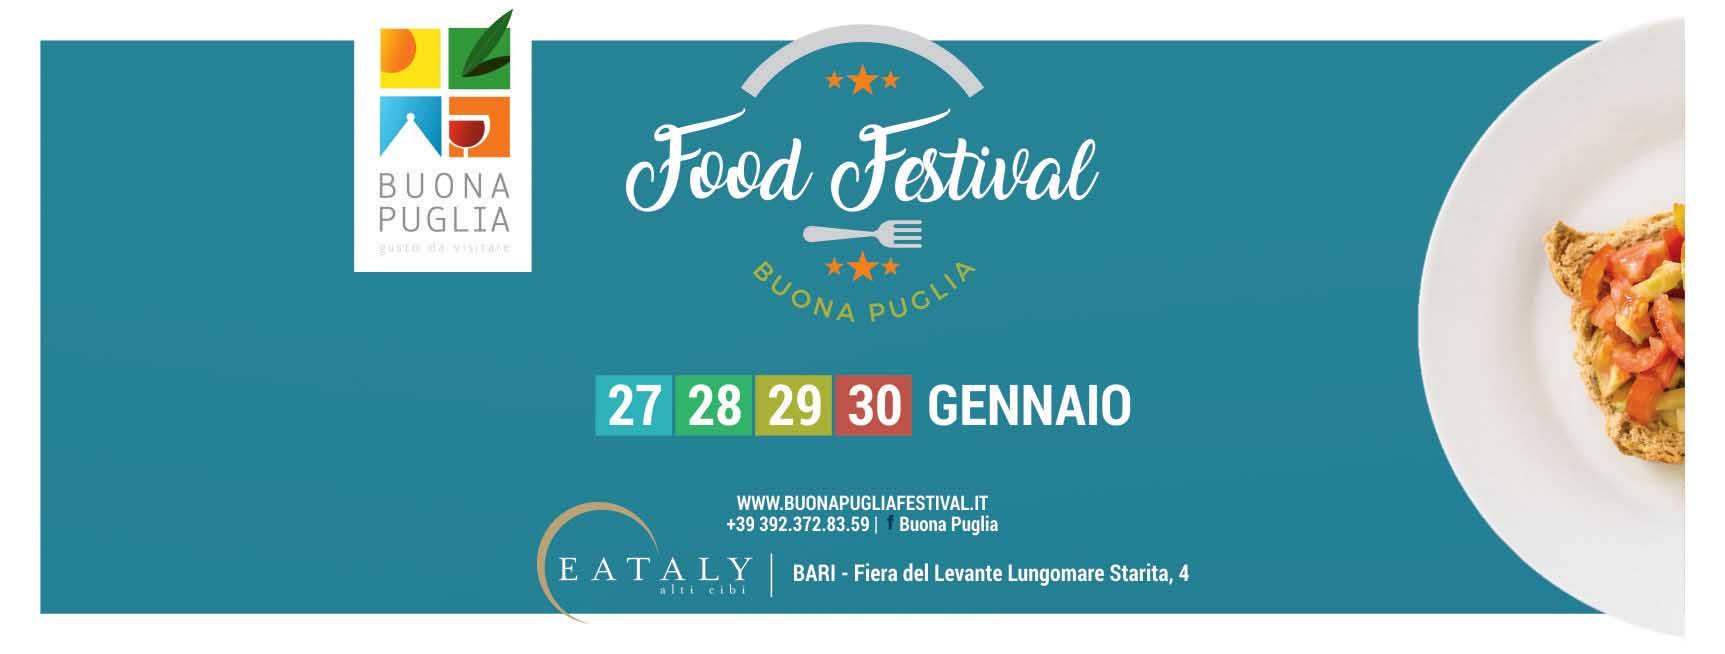 Risultati immagini per foodfestival2017 puglia